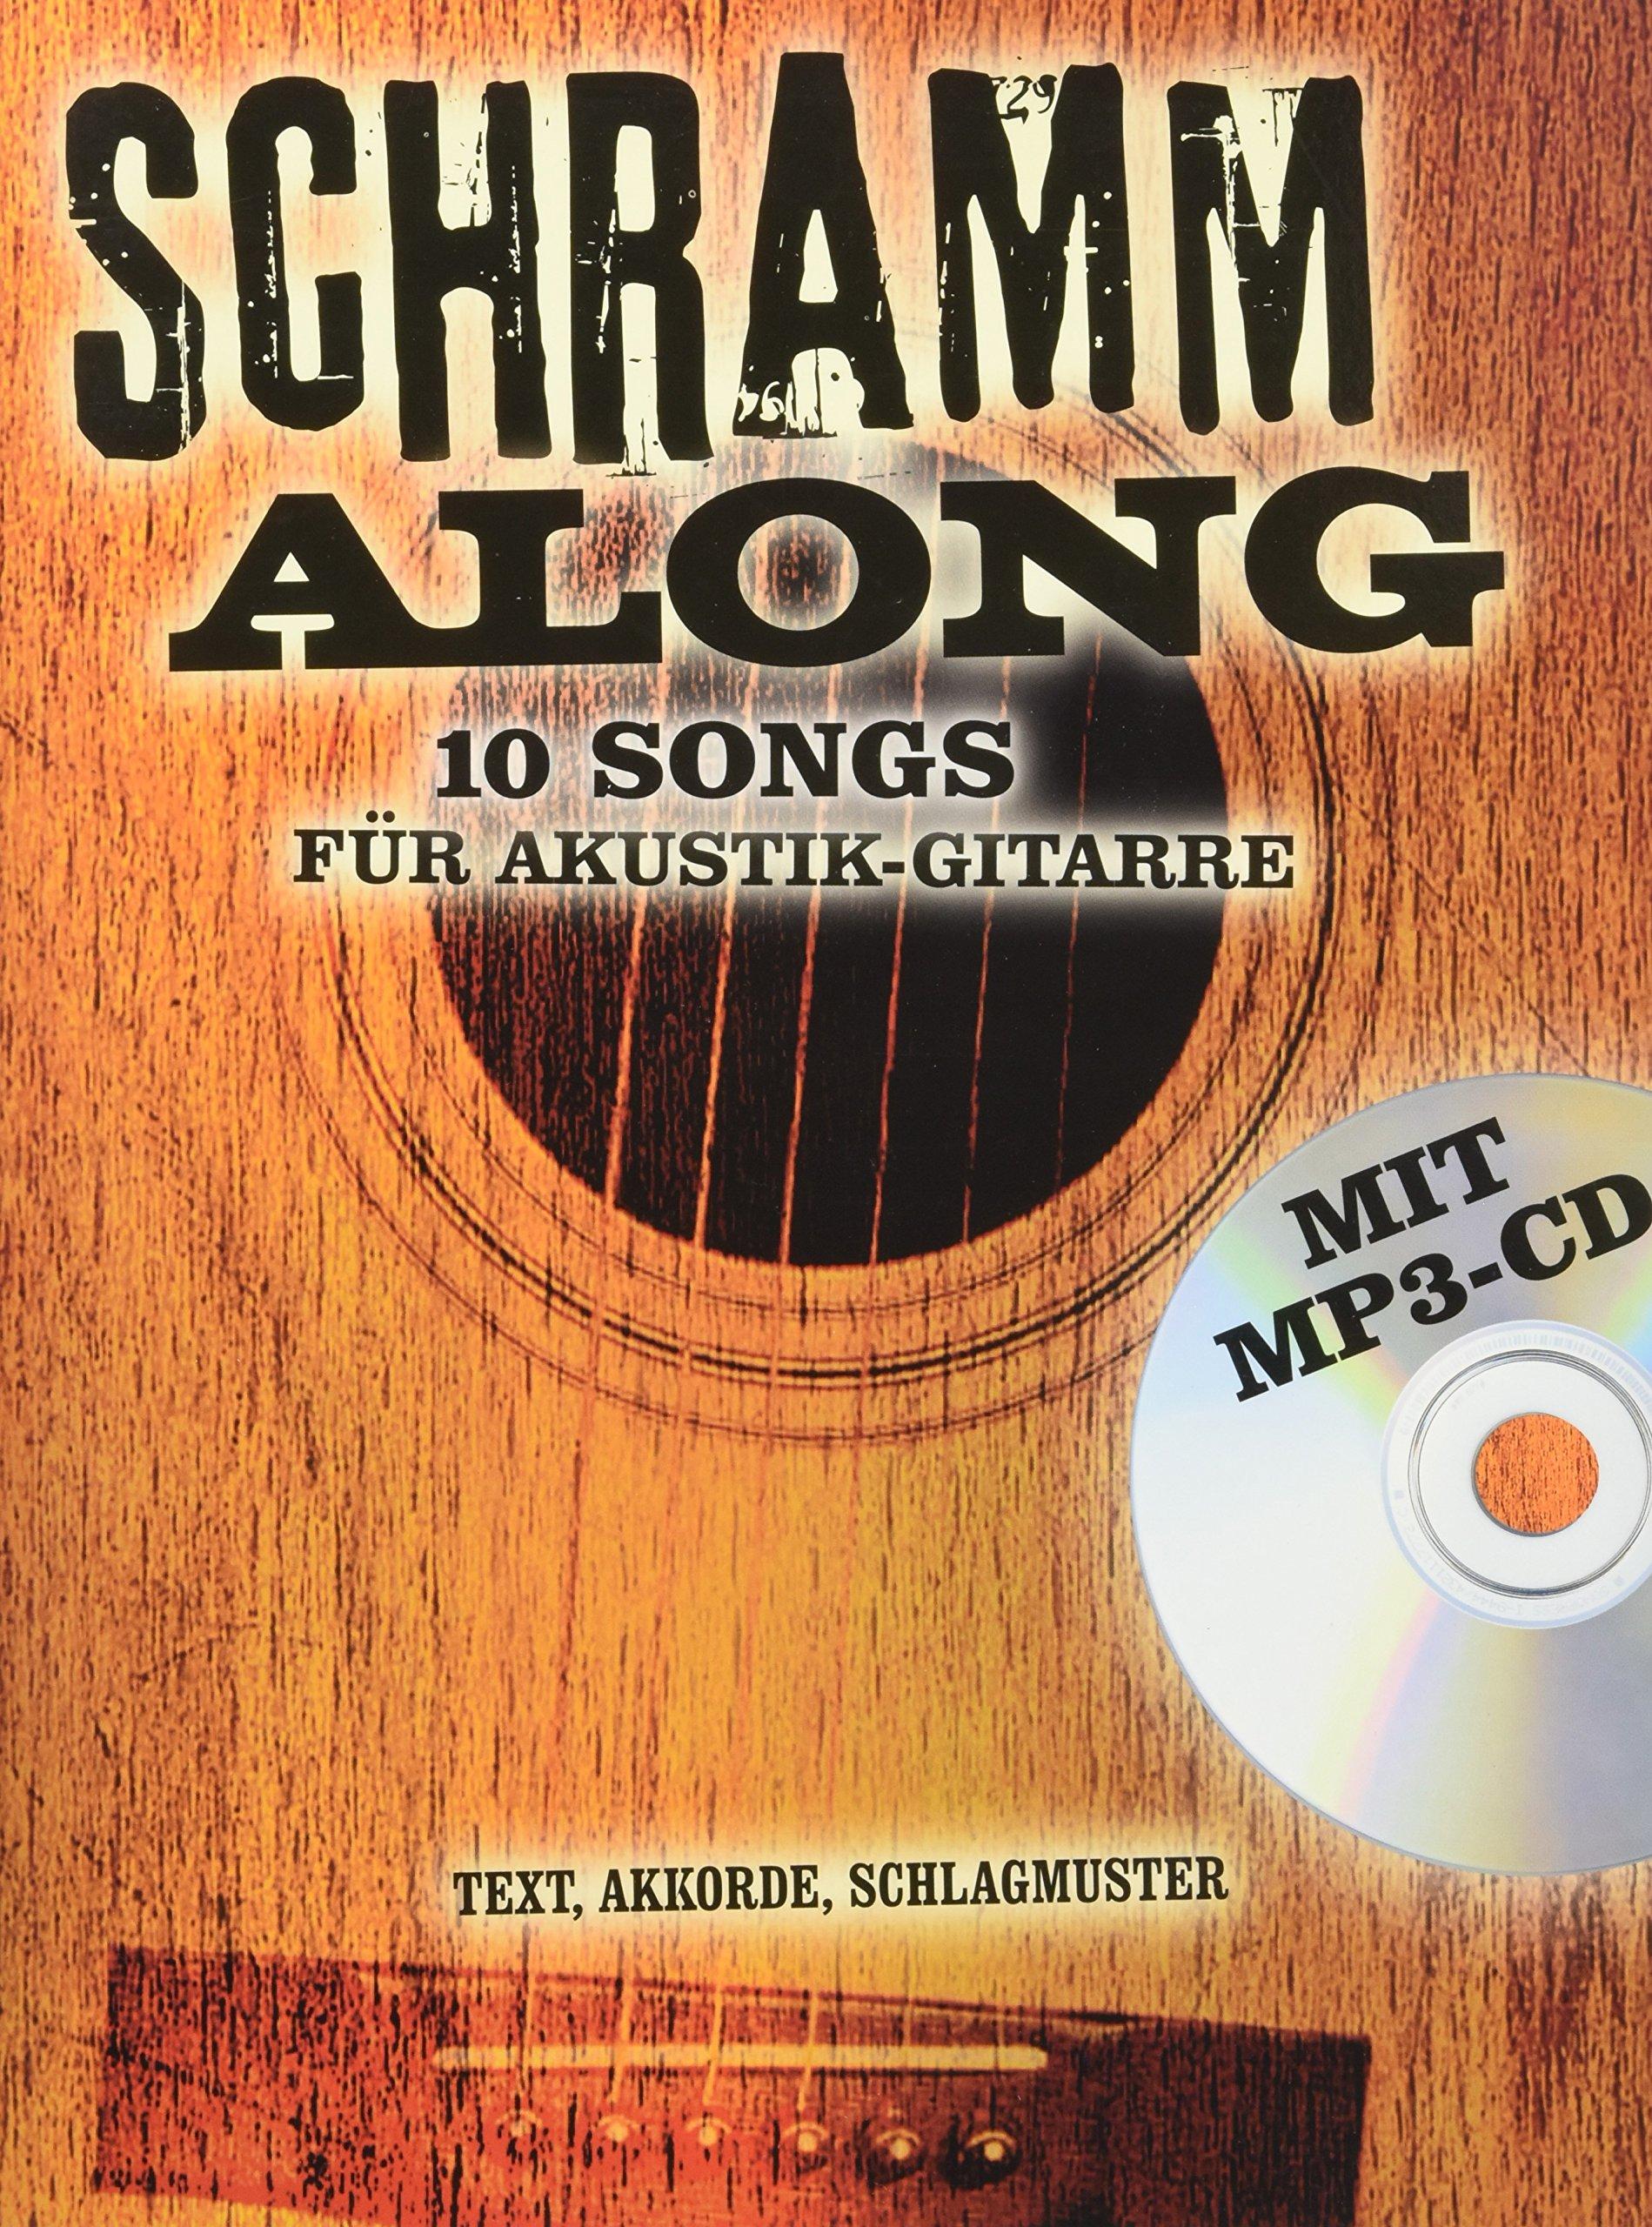 Schramm Along - 10 Songs Fur Akustik-Gitarre (German Edition) pdf